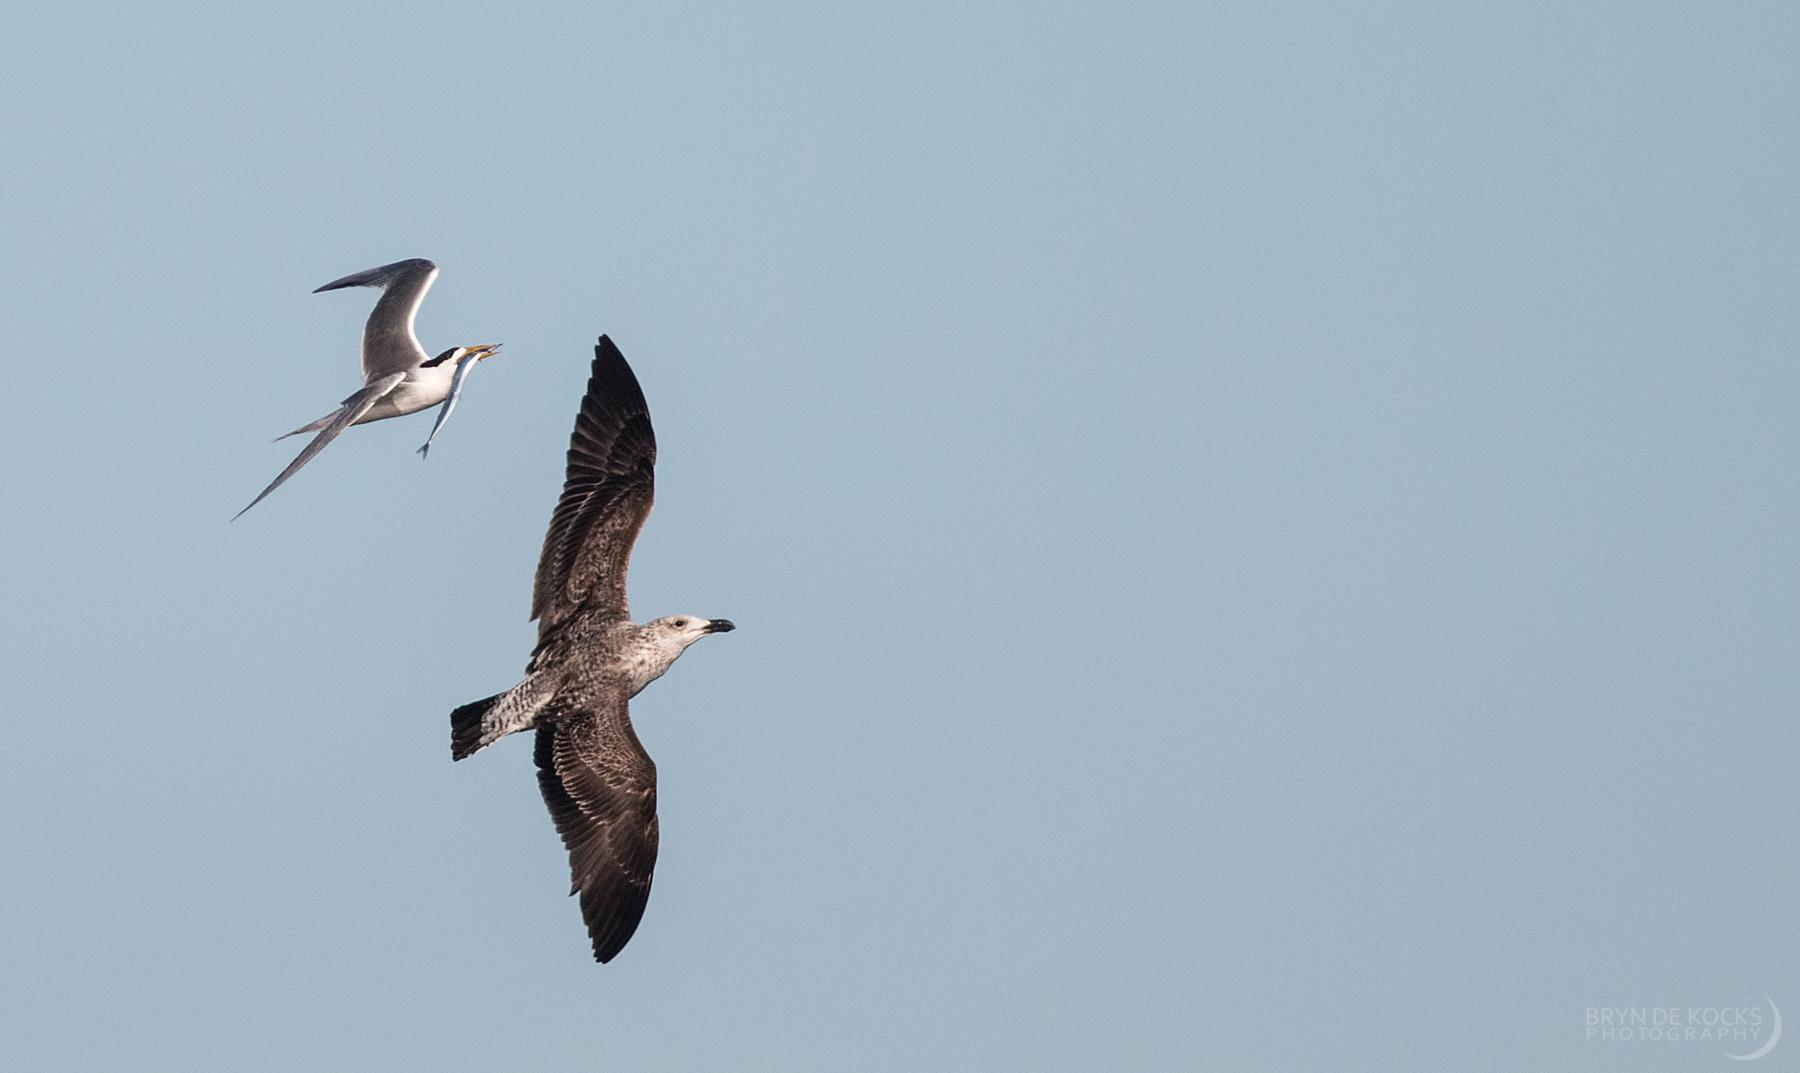 swift-tern-kelp-gull